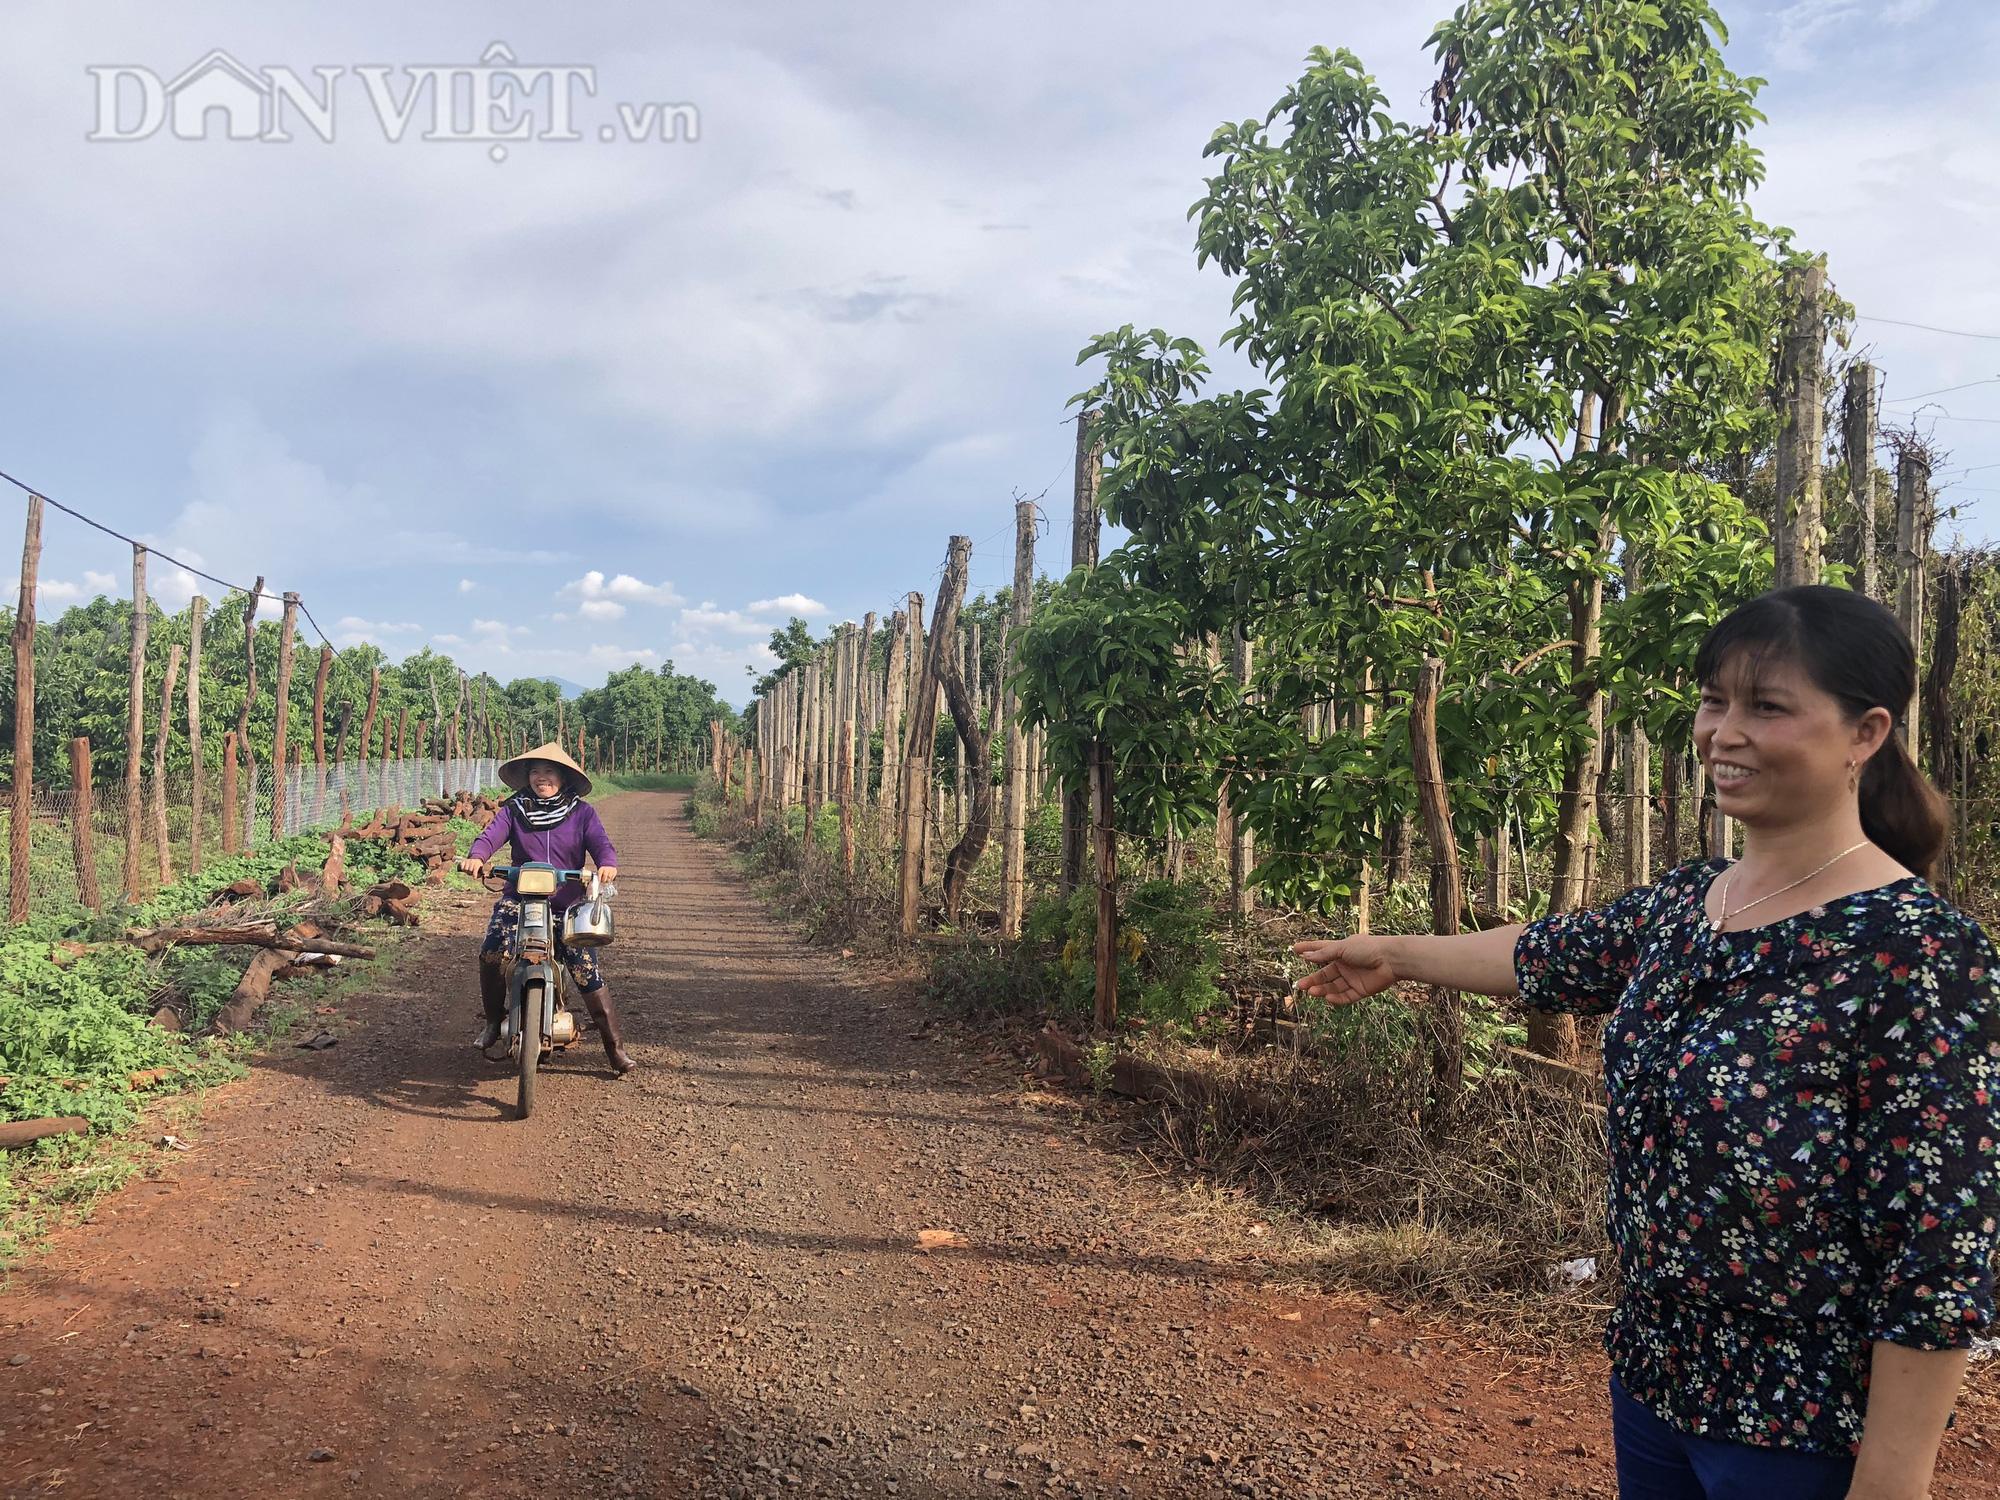 Người phụ nữ đào bỏ tiêu, bơ hiến hơn 1.500m2 đất làm đường - Ảnh 1.